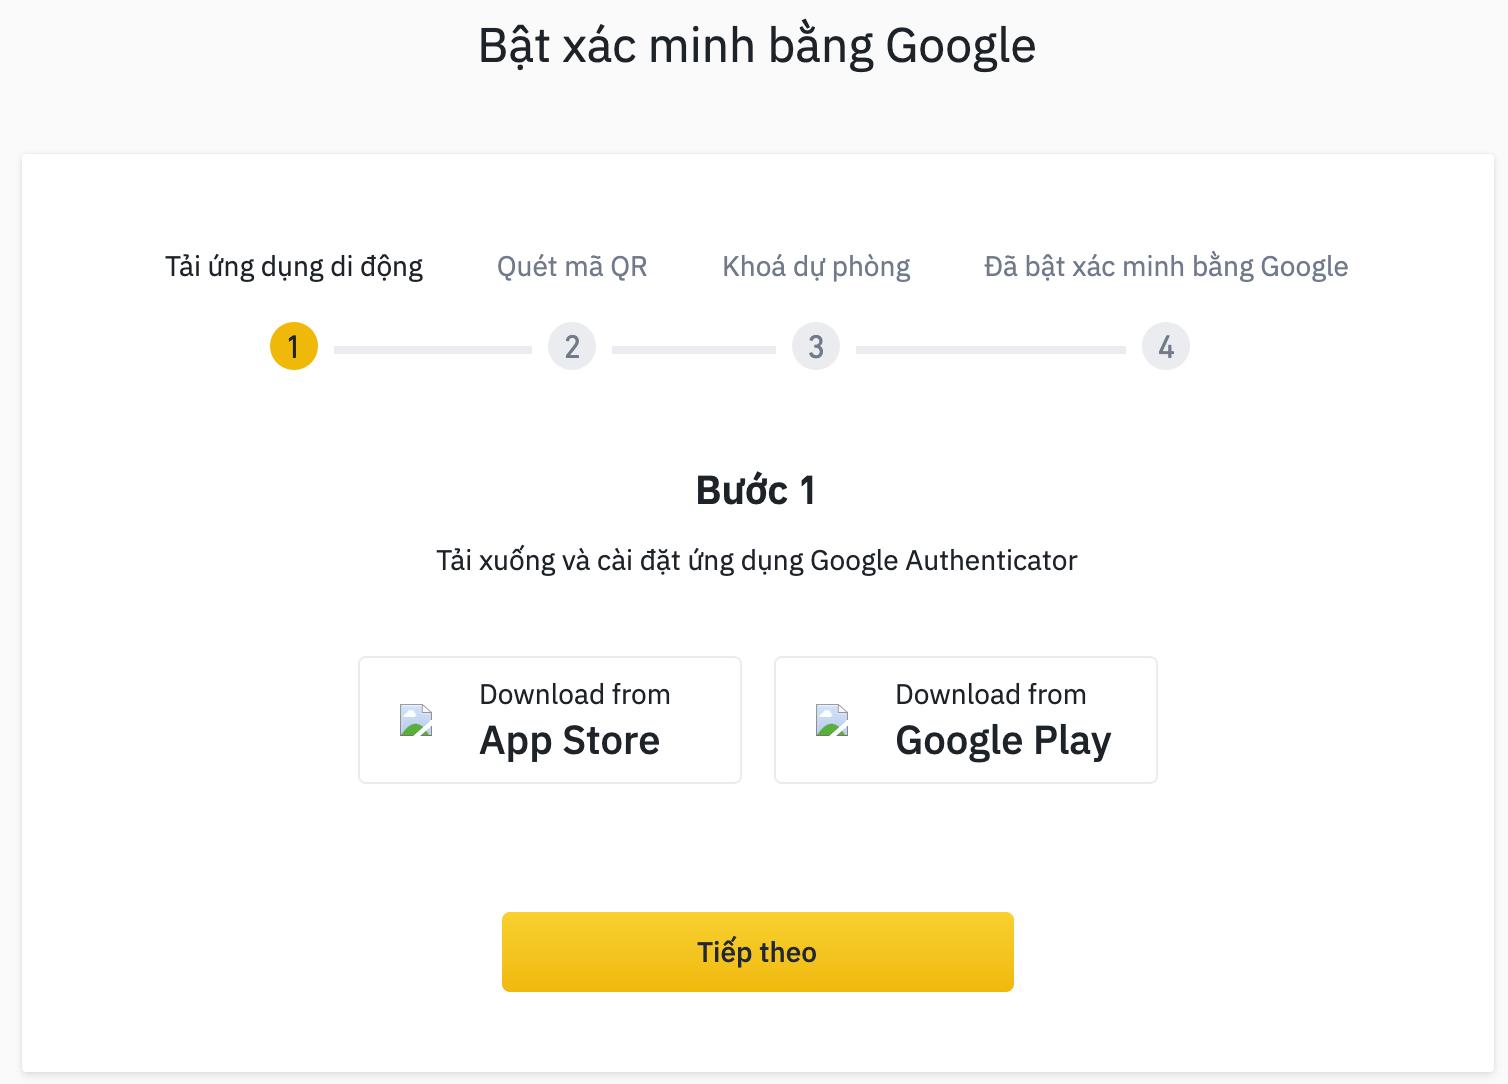 bật xác minh bằng google cho tài khoản binance